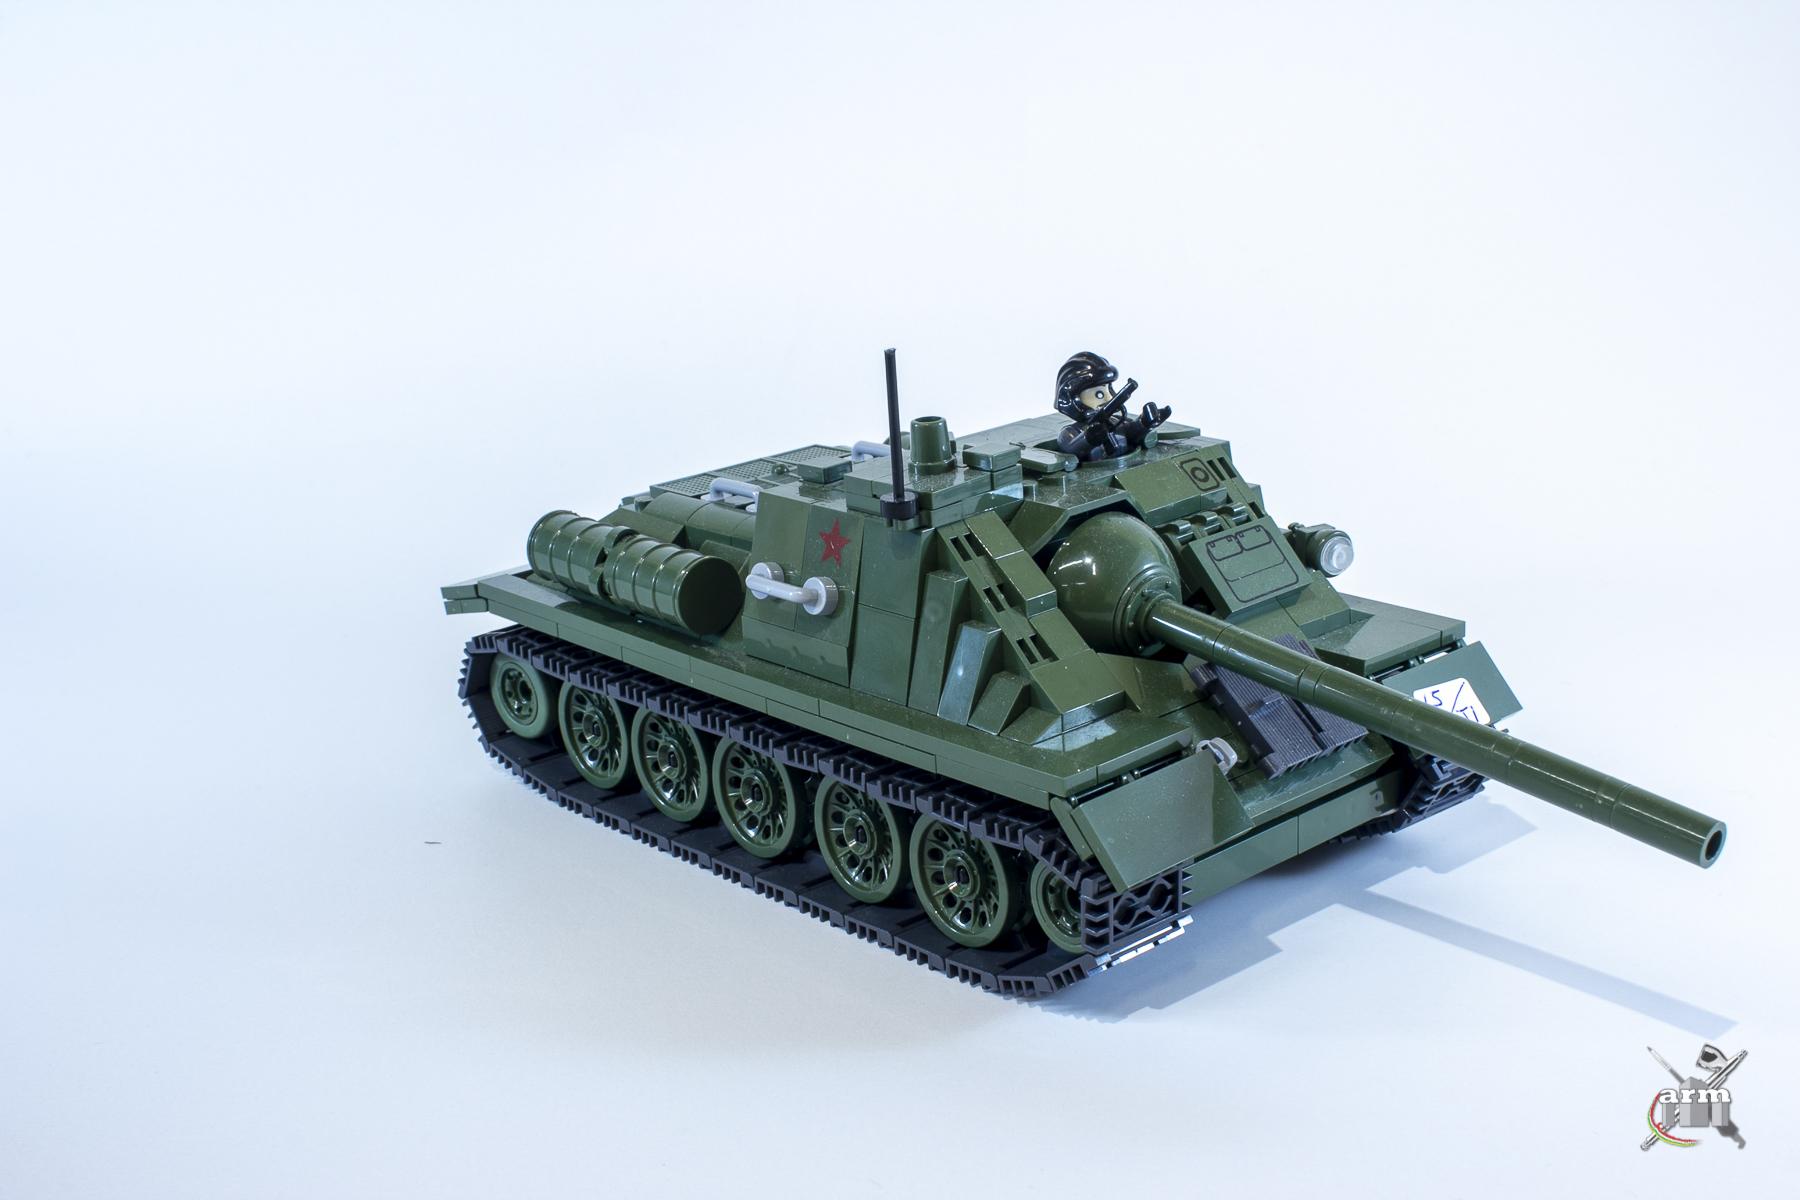 ARM18-136